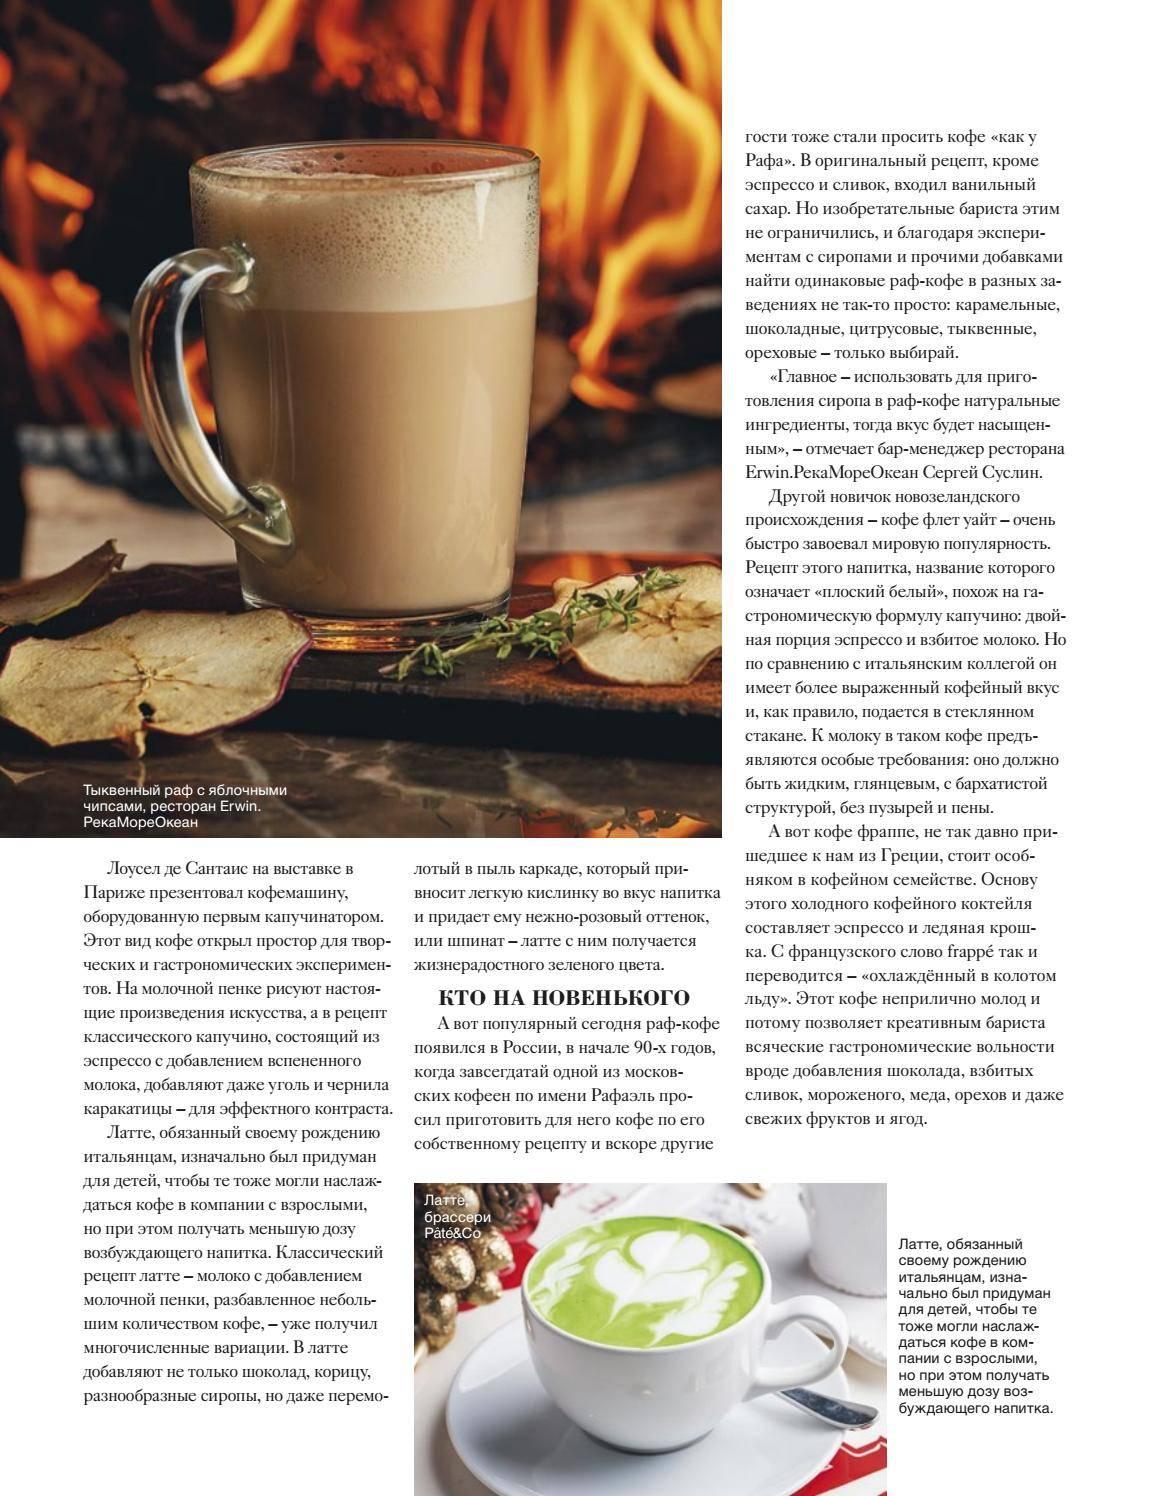 Лавандовый раф - кофейный шедевр, которым стоит себя побаловать